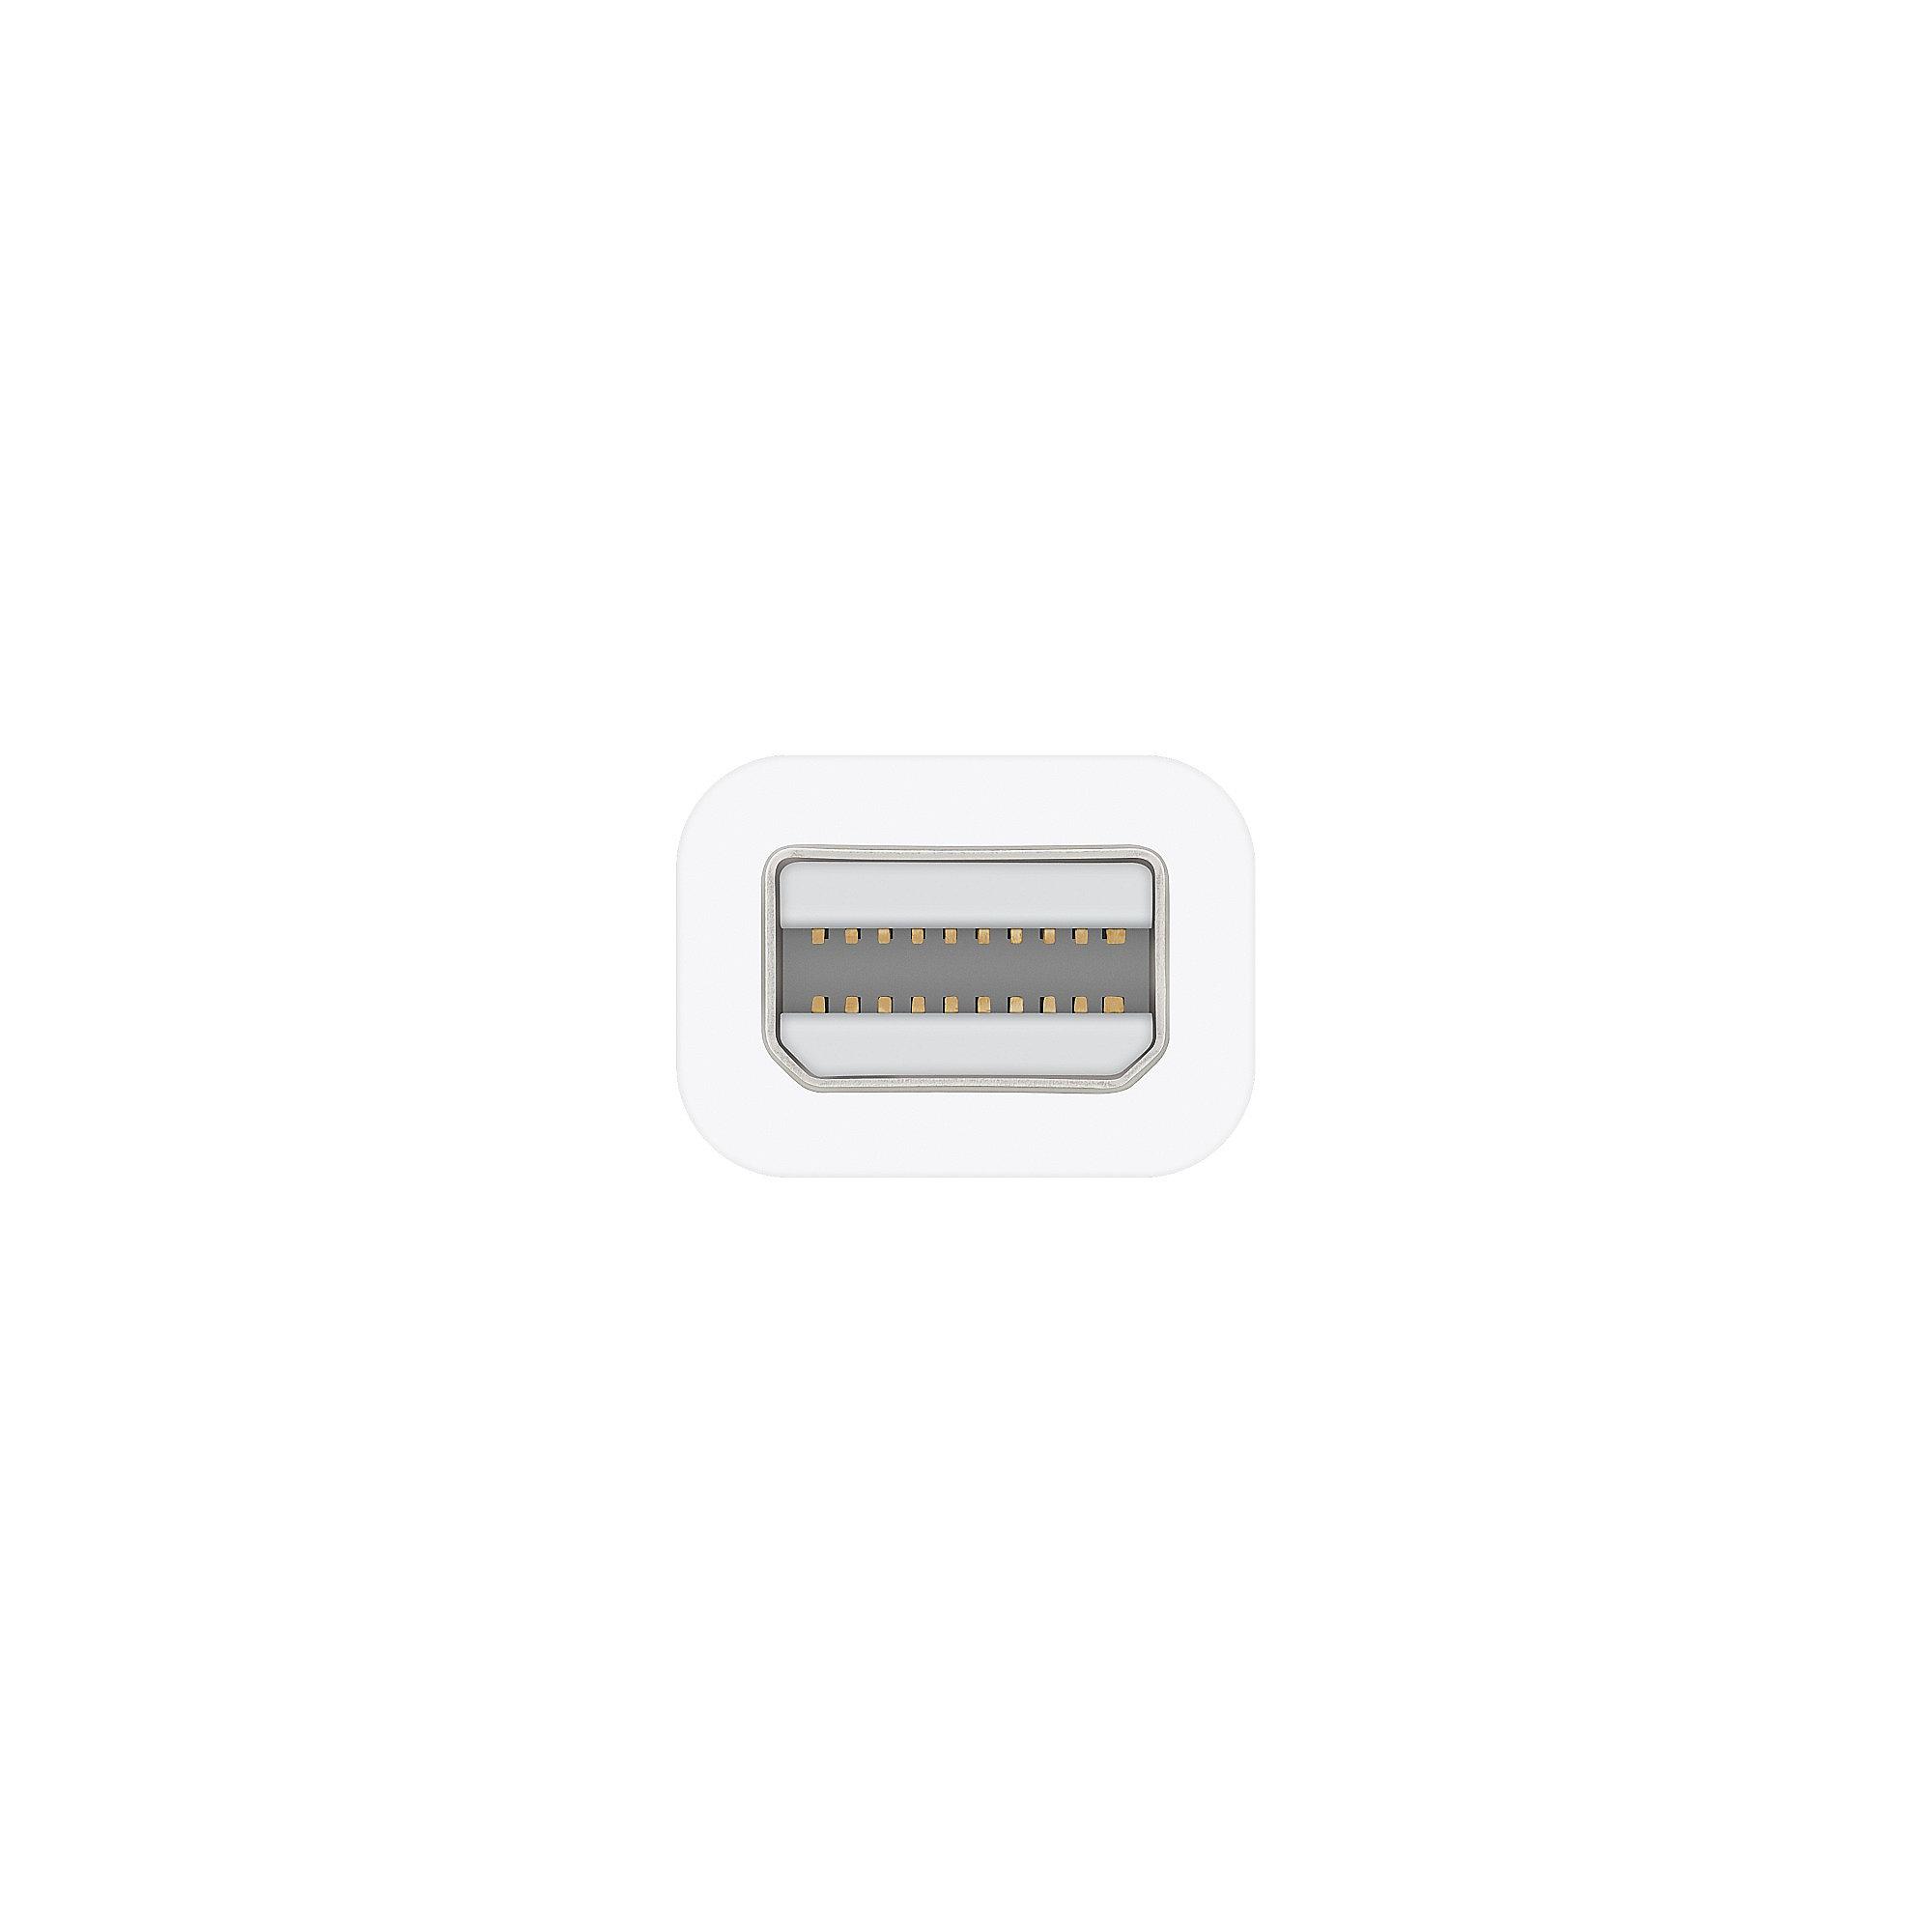 Wunderbar Apple Firewire Kabel Bilder - Schaltplan Serie Circuit ...